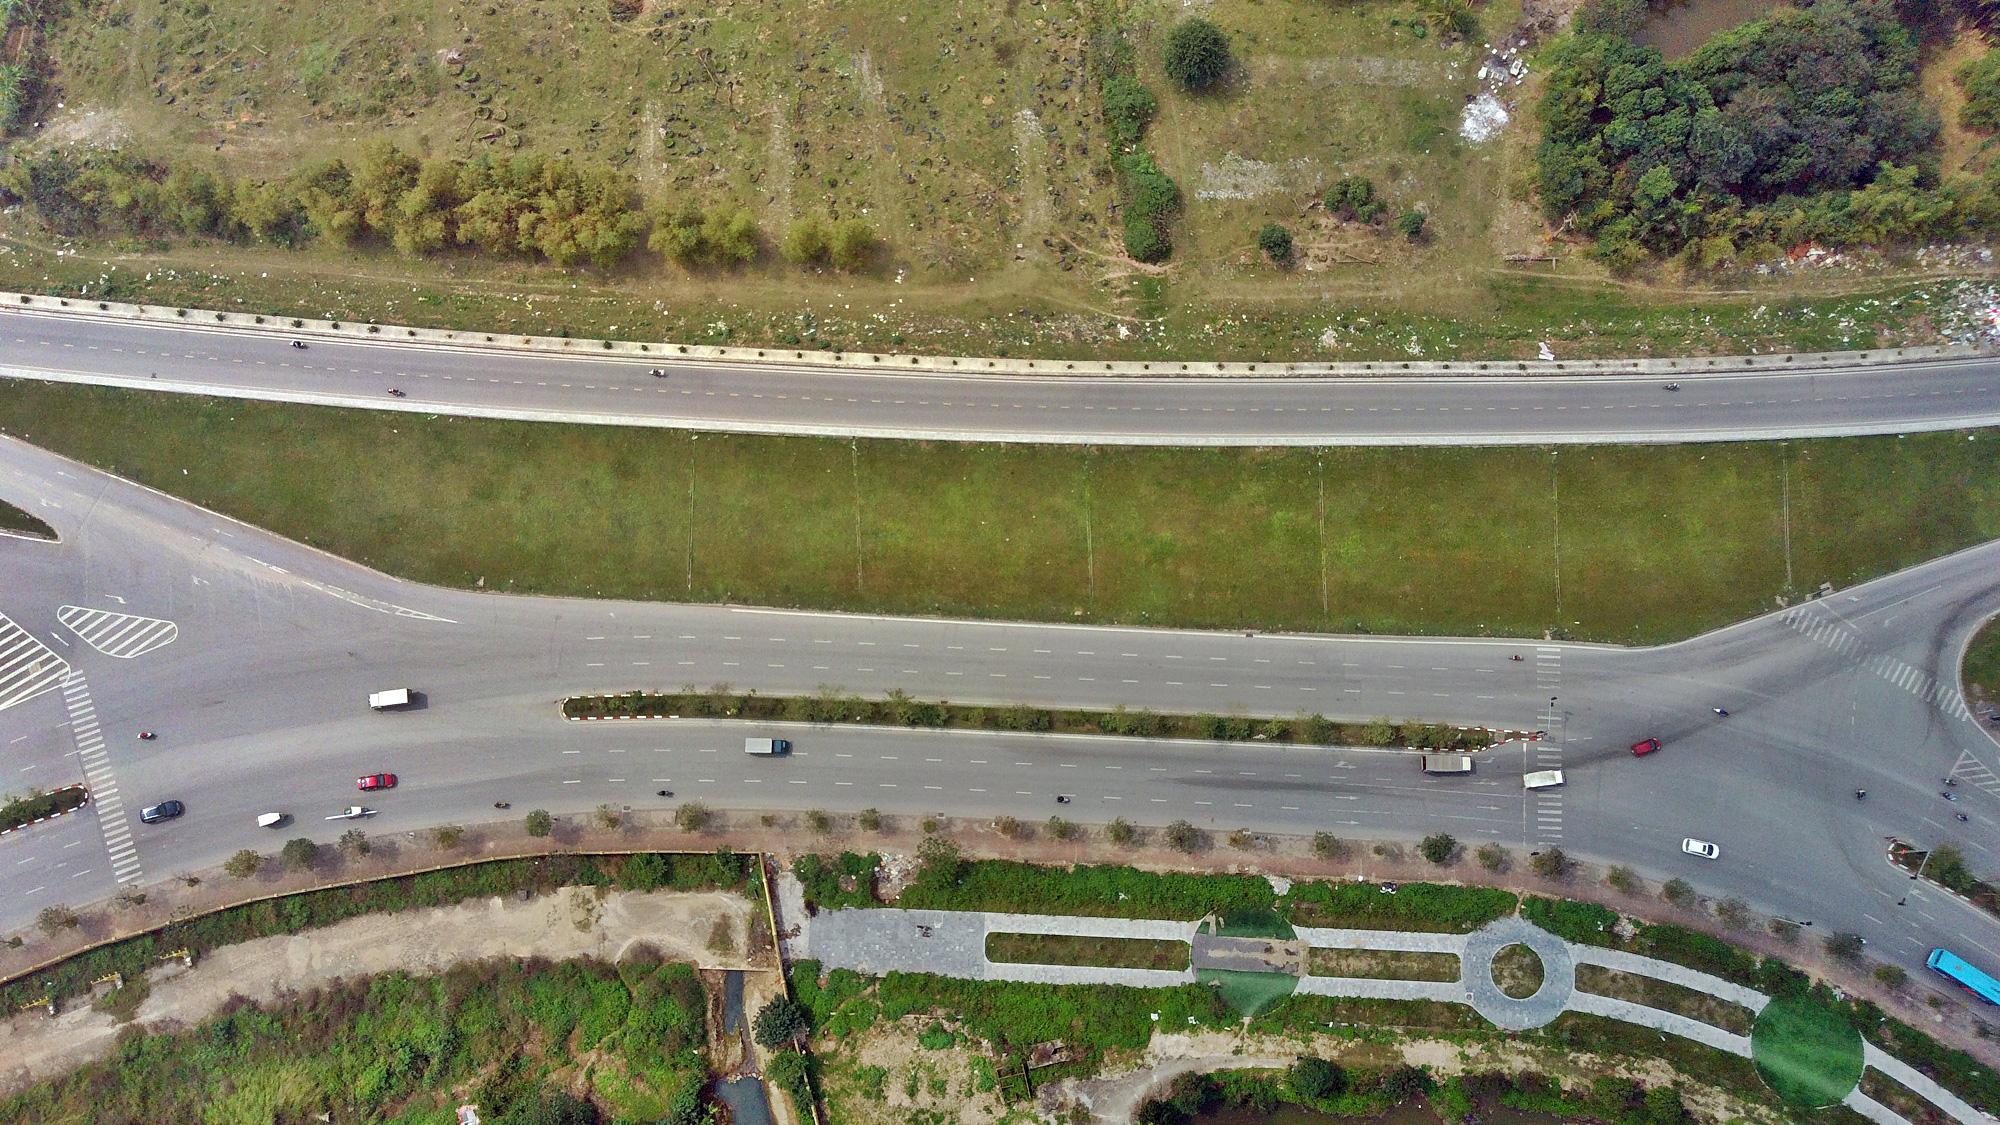 Cầu sẽ mở theo qui hoạch ở Hà Nội: Toàn cảnh cầu/hầm Trần Hưng Đạo nối quận Hoàn Kiếm - Long Biên - Ảnh 3.